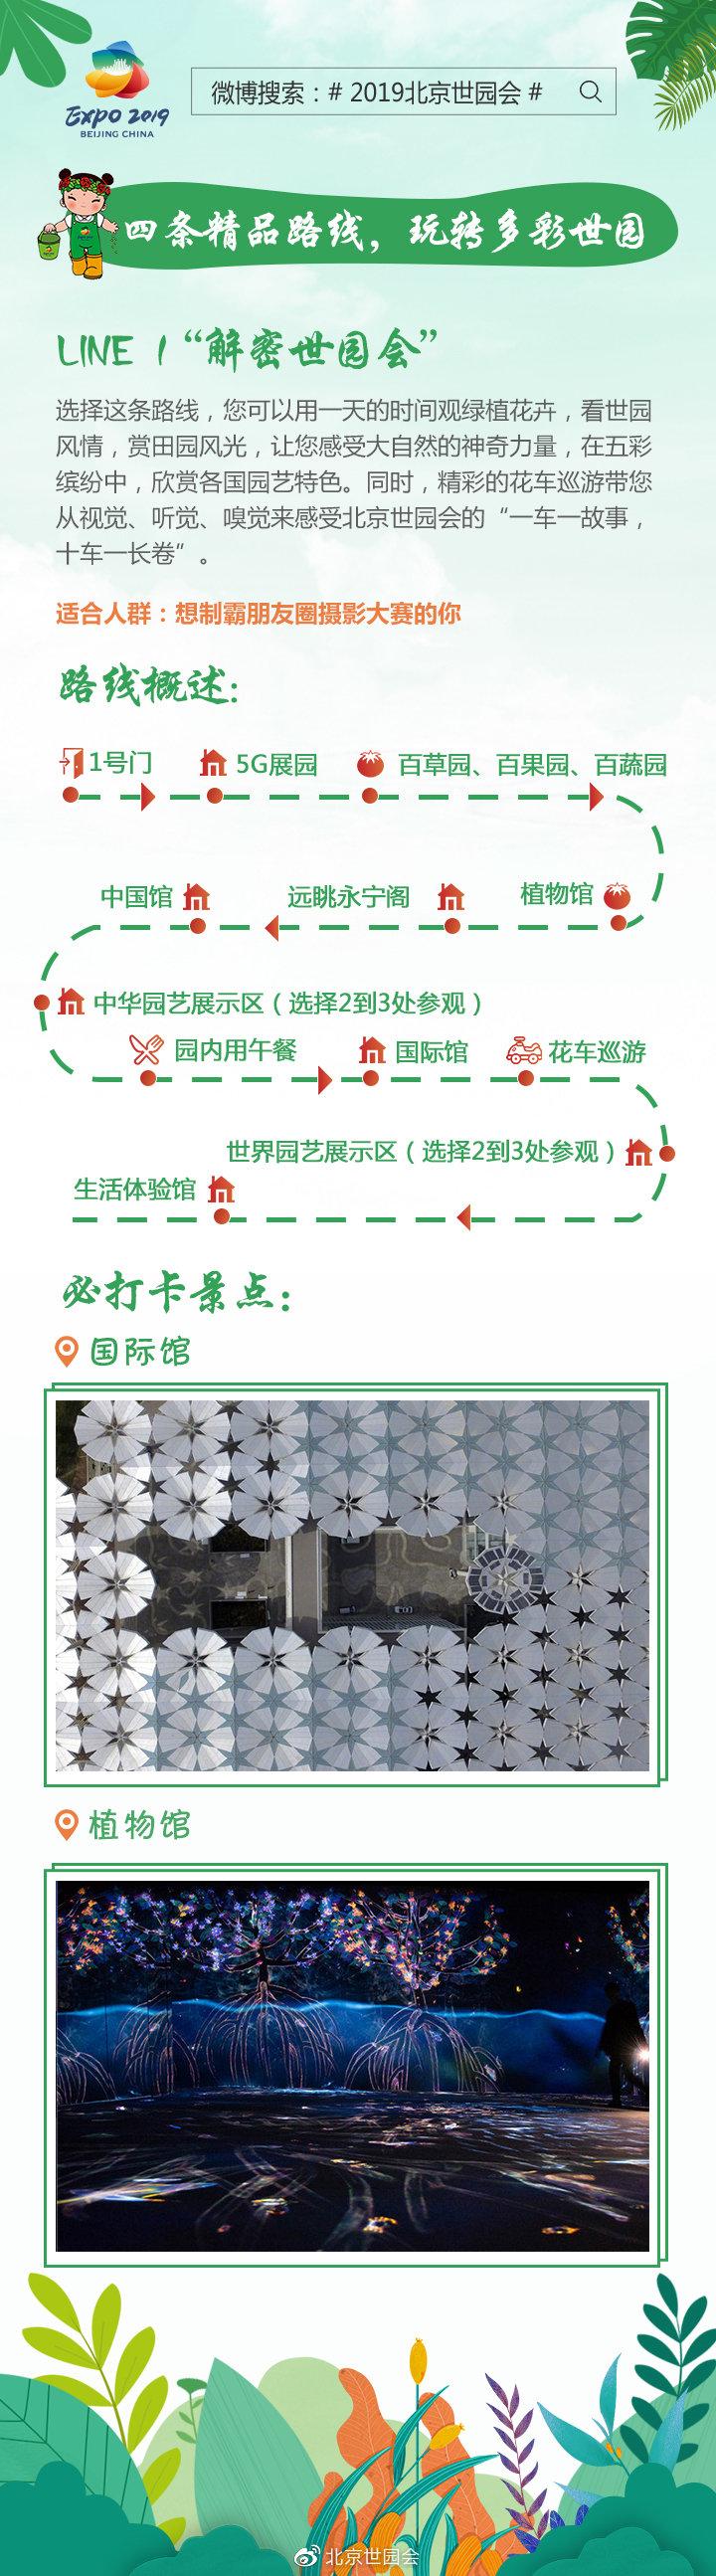 北京世园会怎么玩 四条线路供参考